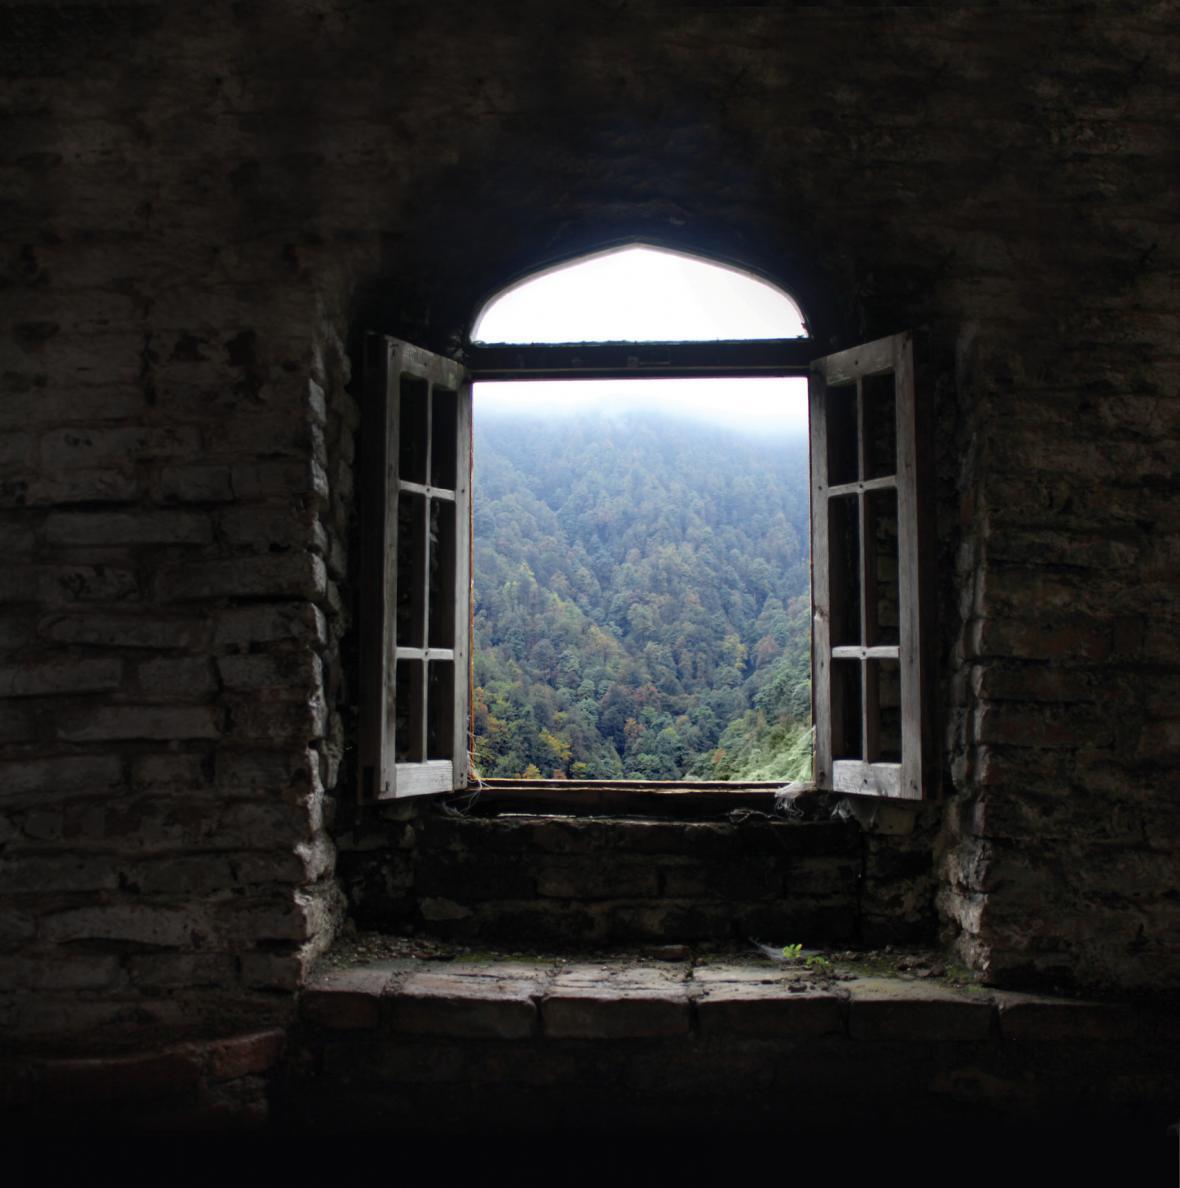 چند مقصد گردشگری و تاریخی کمتر شناخته شده در گیلان